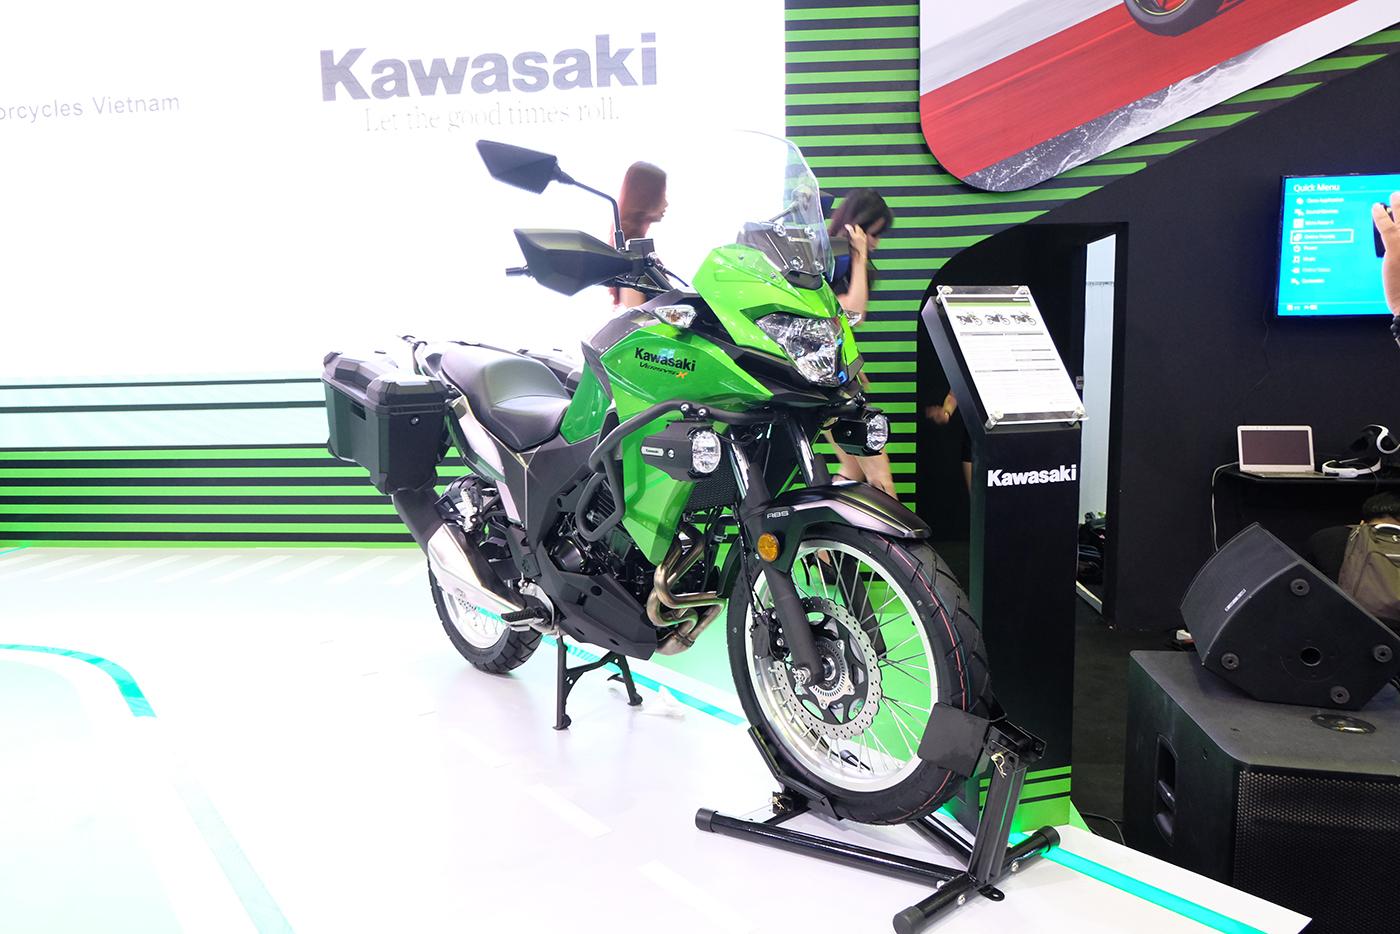 kawasaki-2.JPG